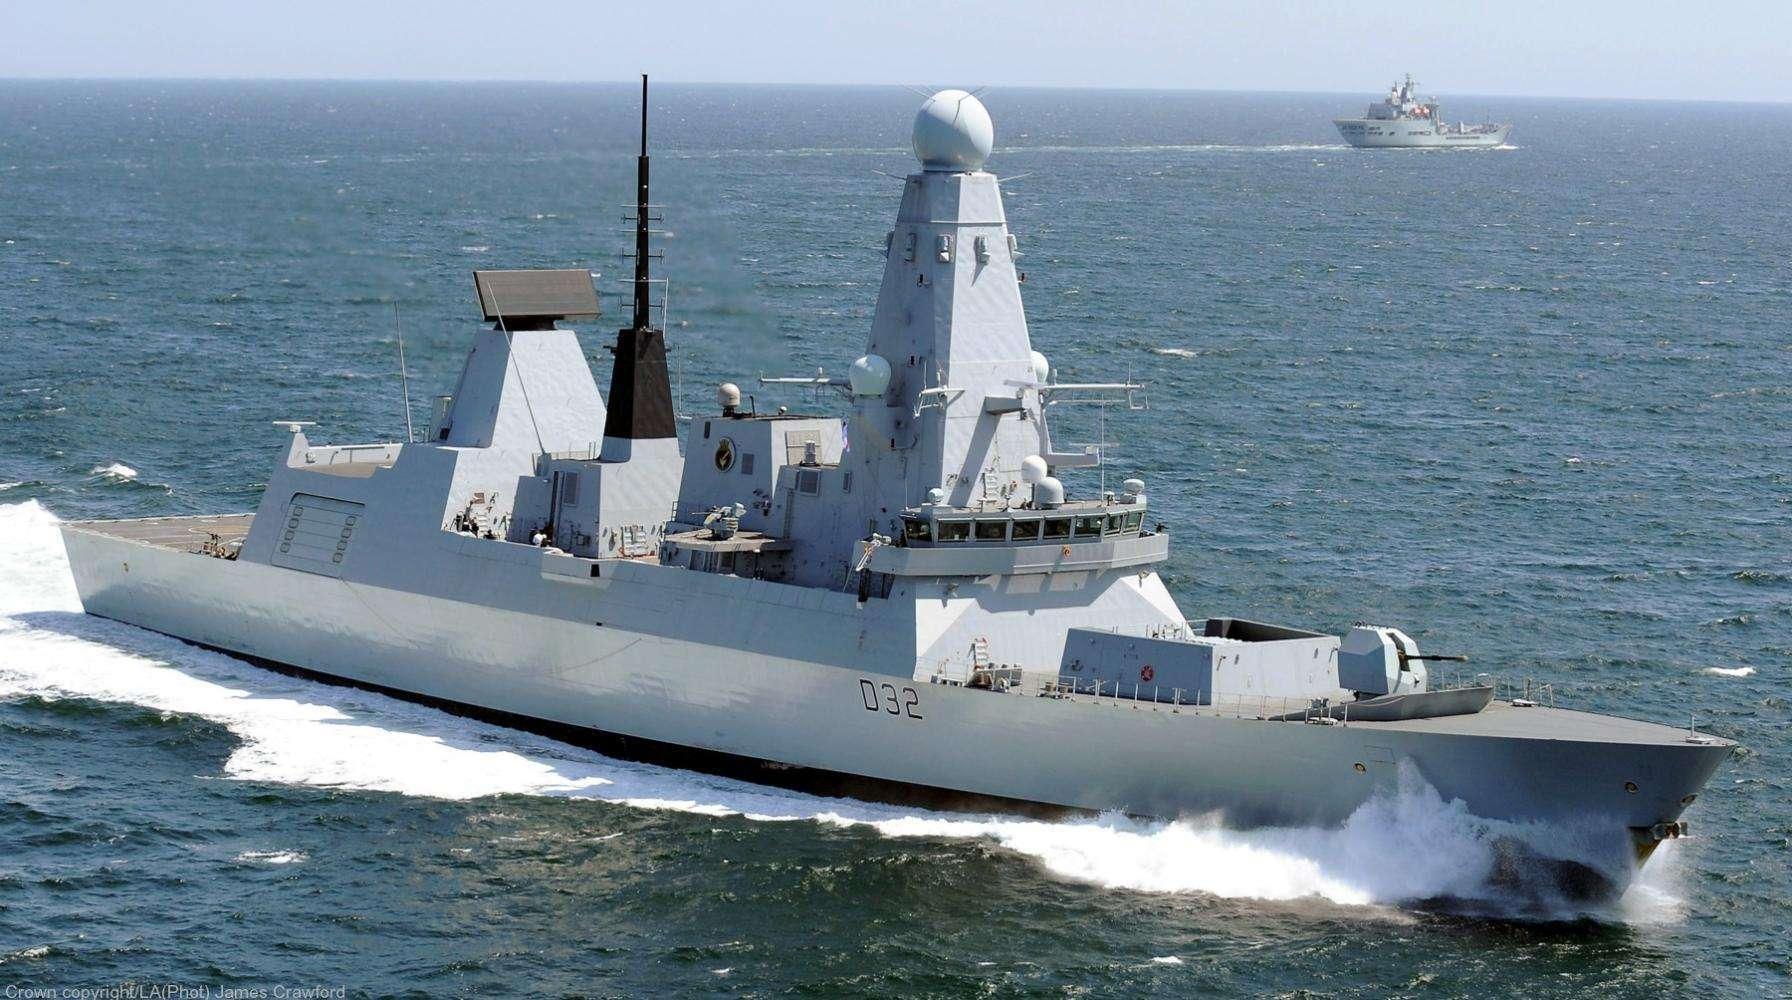 44艘军舰数千士兵出动,将枪口对准了全球二号强国,这次不是美国_英国新闻_英国中文网